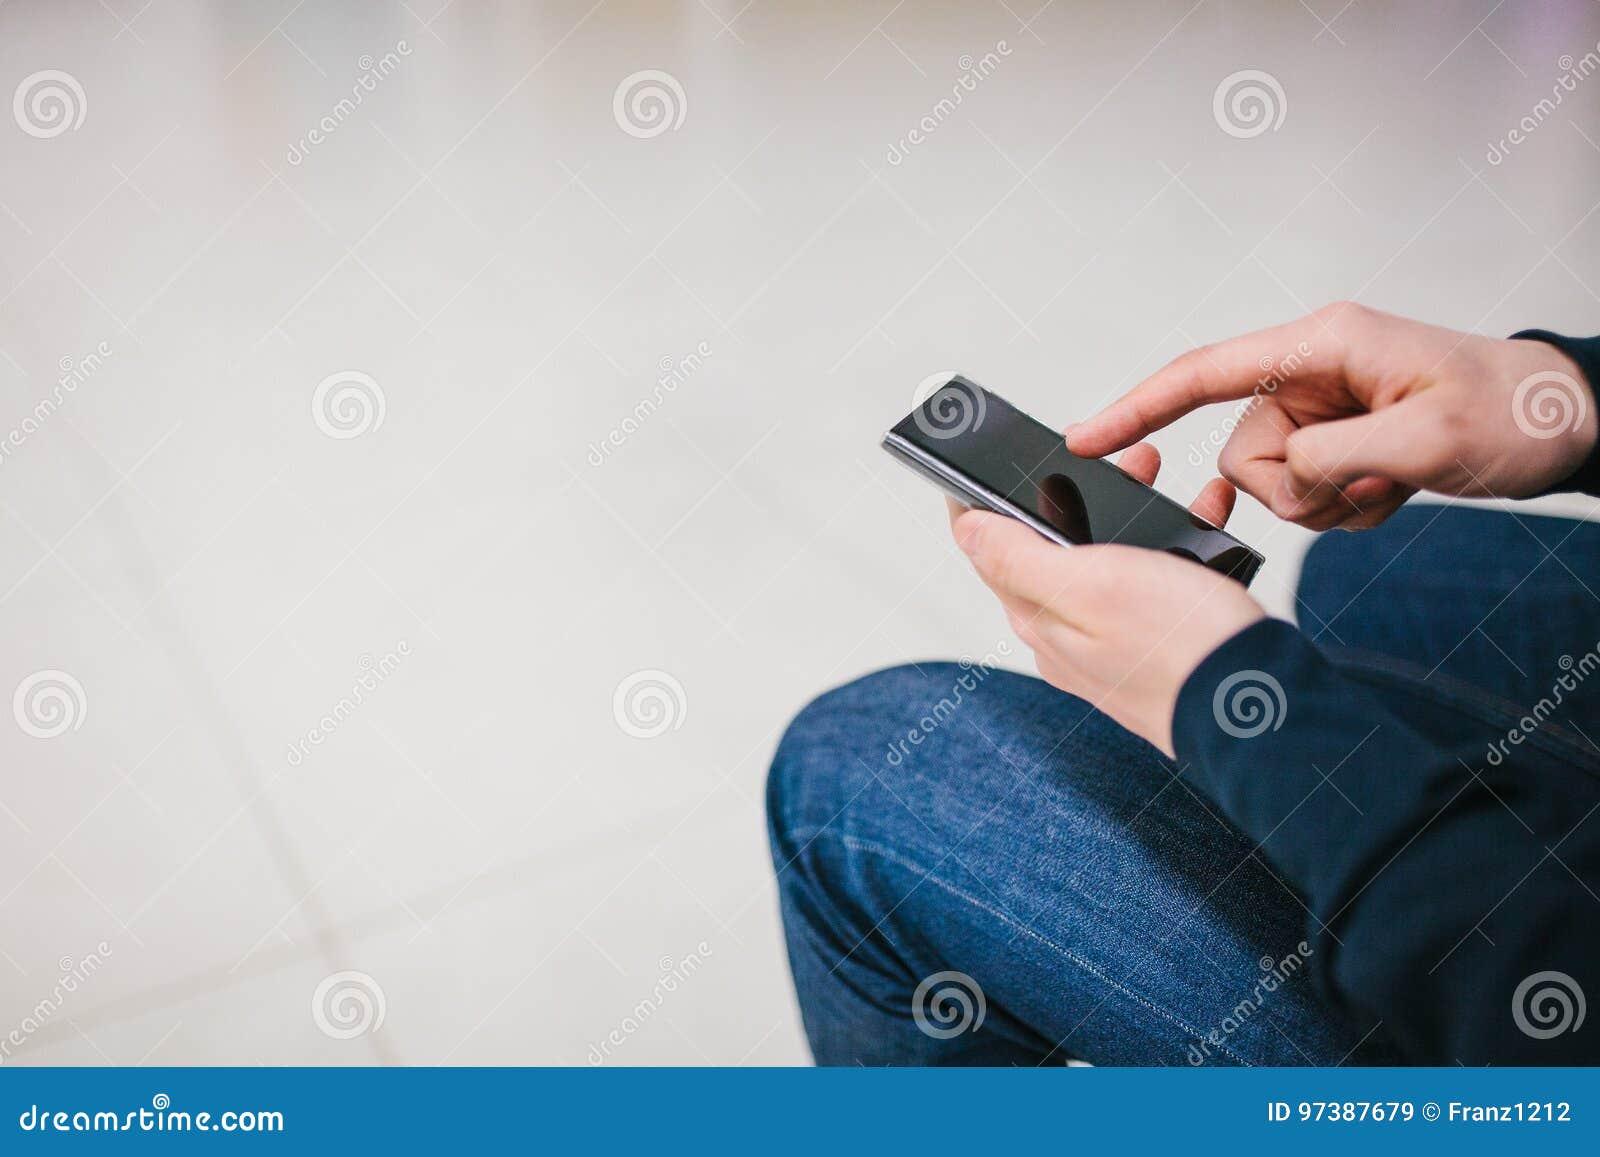 Ein Mann verwendet Handyanwendungen für Sozialkommunikation